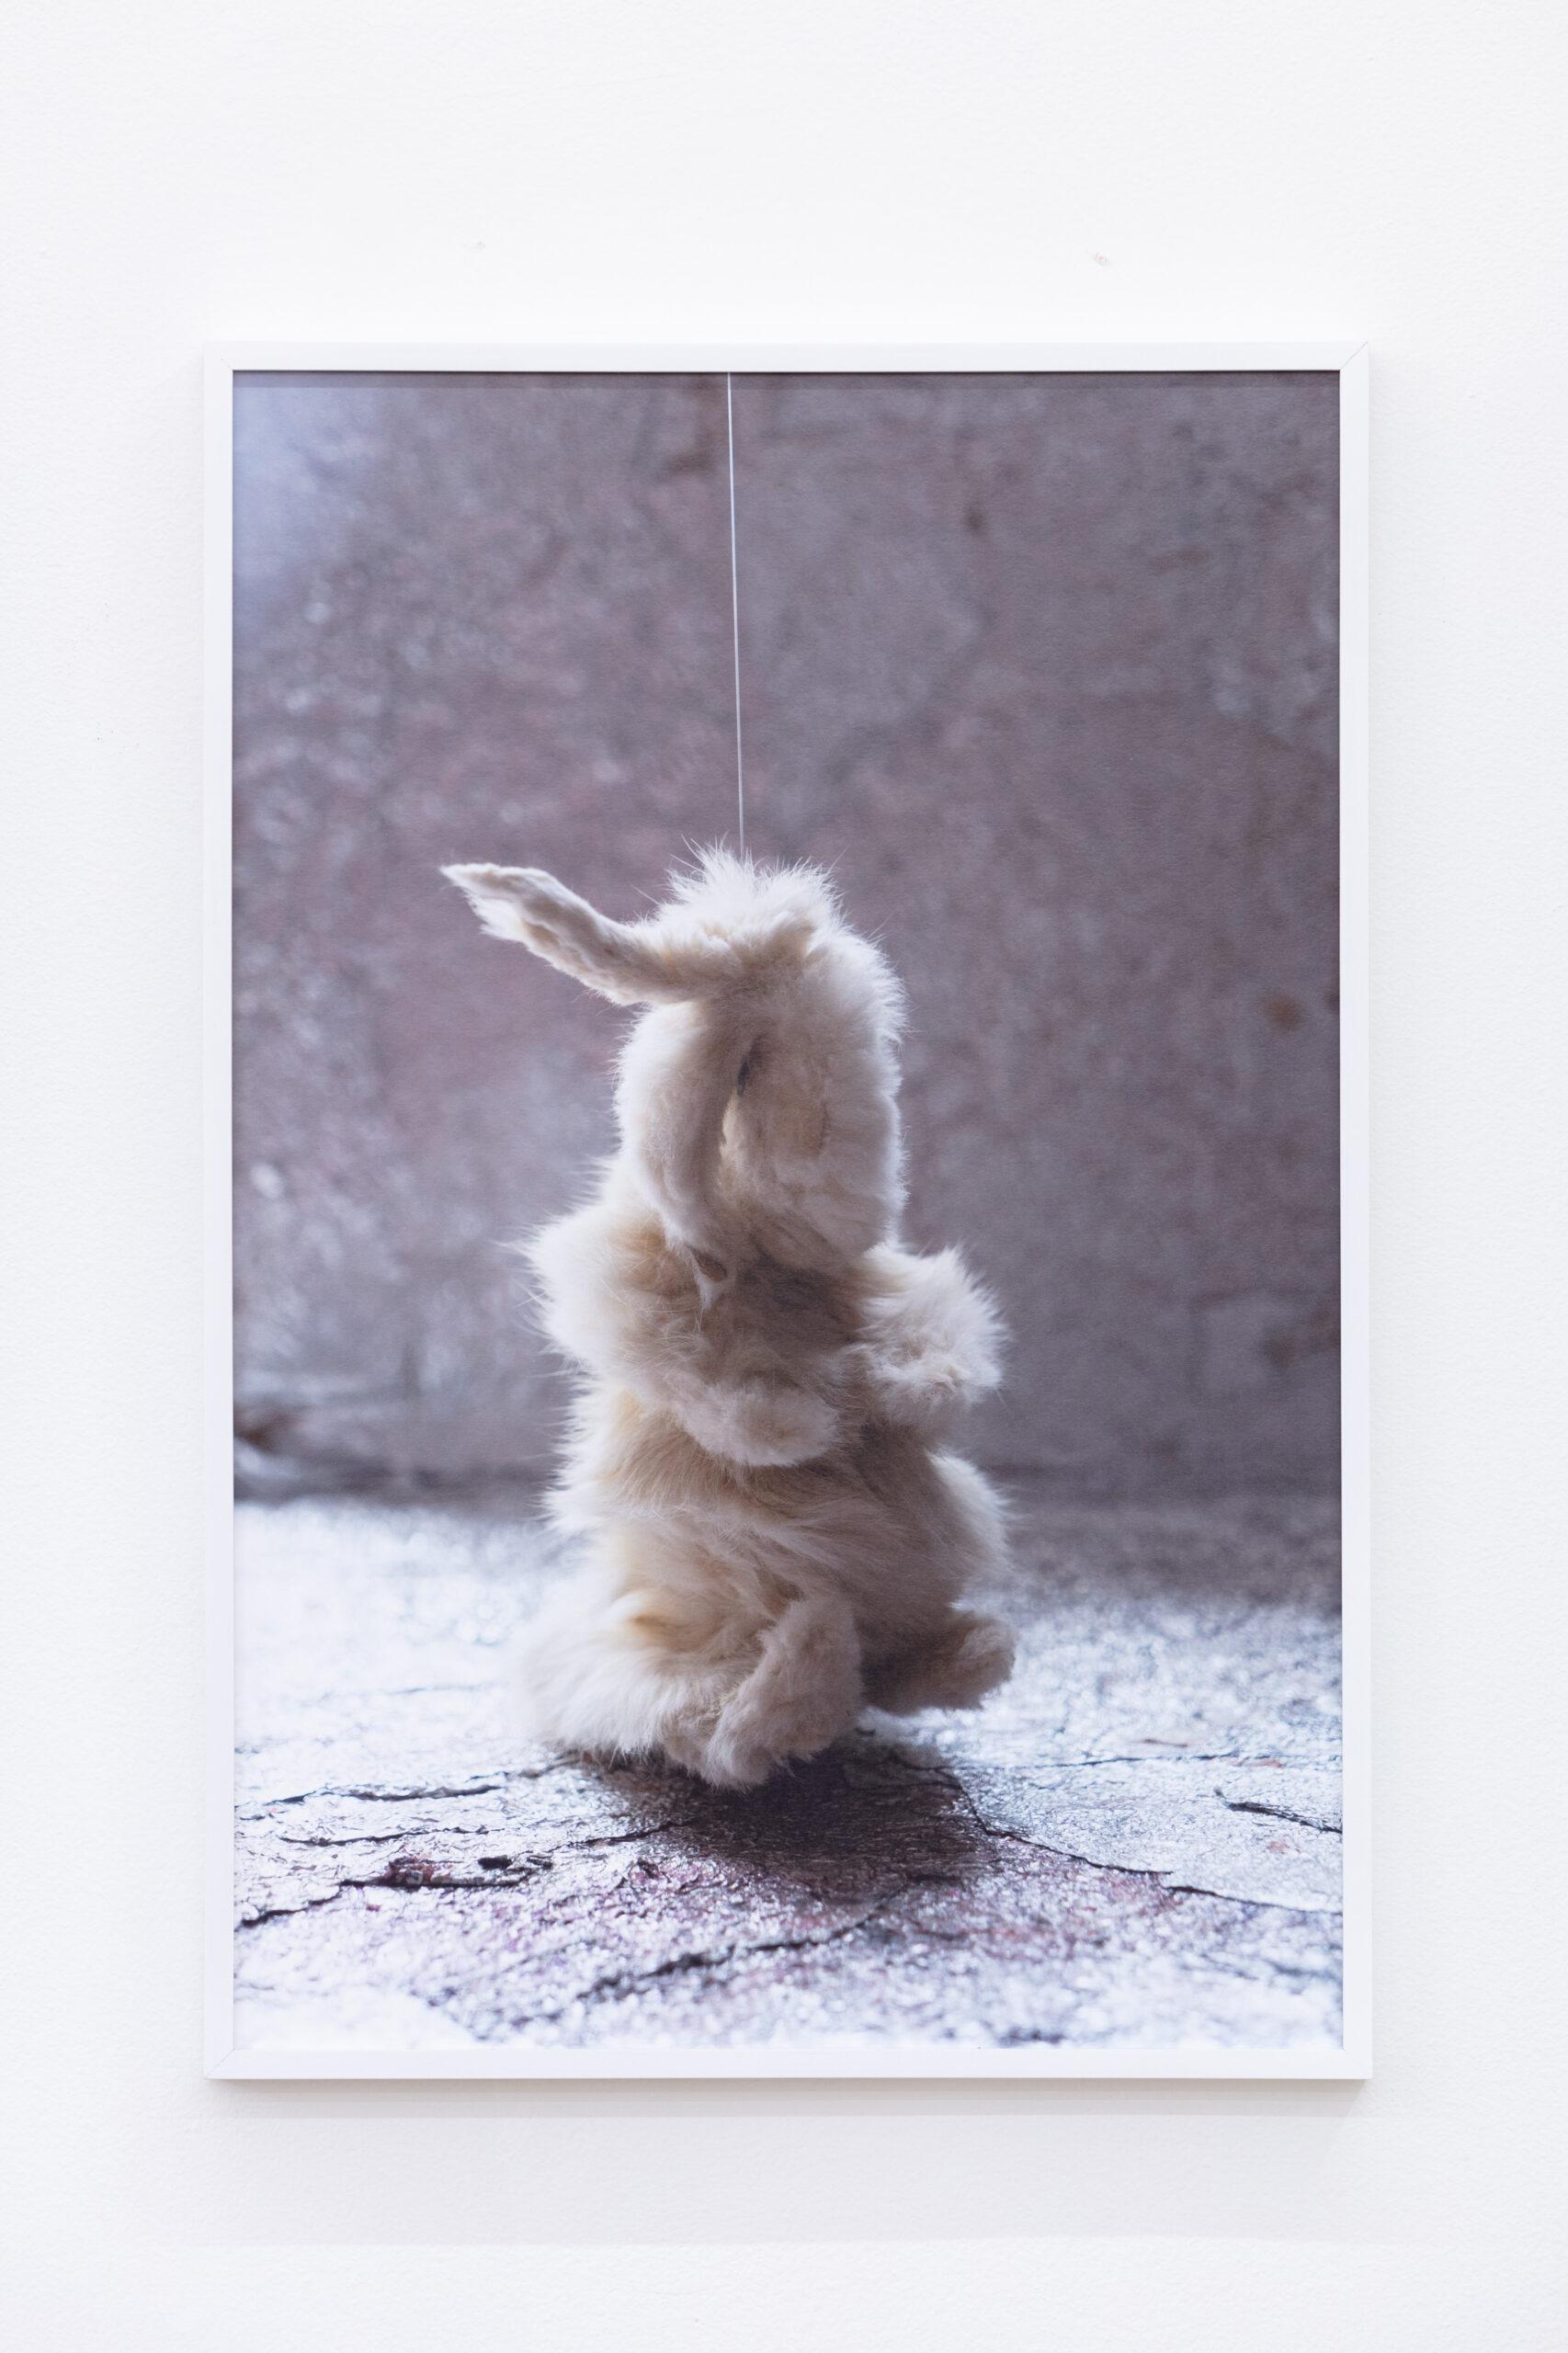 Anna Betbeze, Forms Like Dreams, Bunny